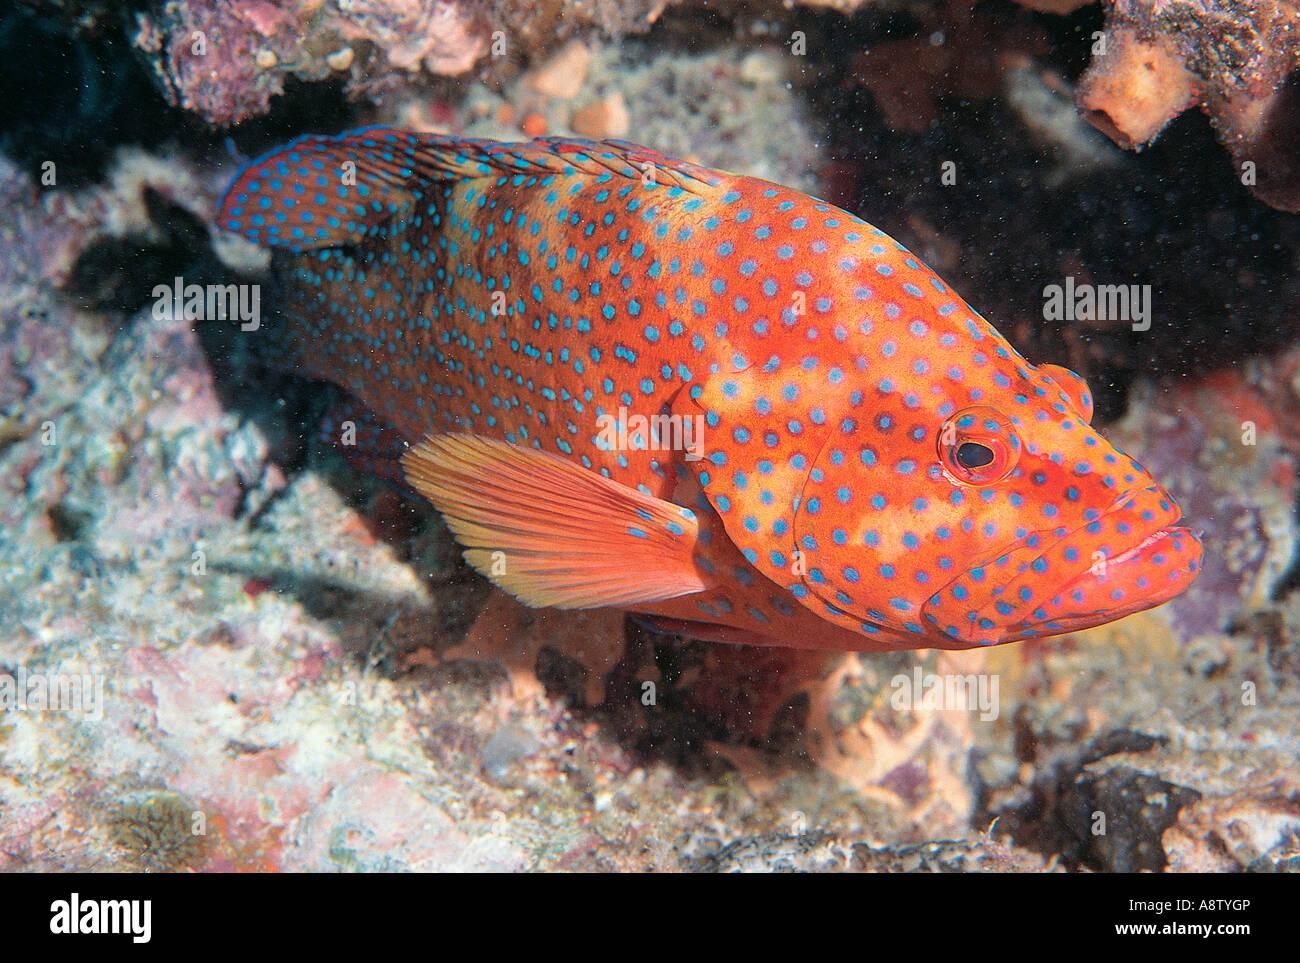 Australia wildlife queensland great barrier reef fish for Great barrier reef fish